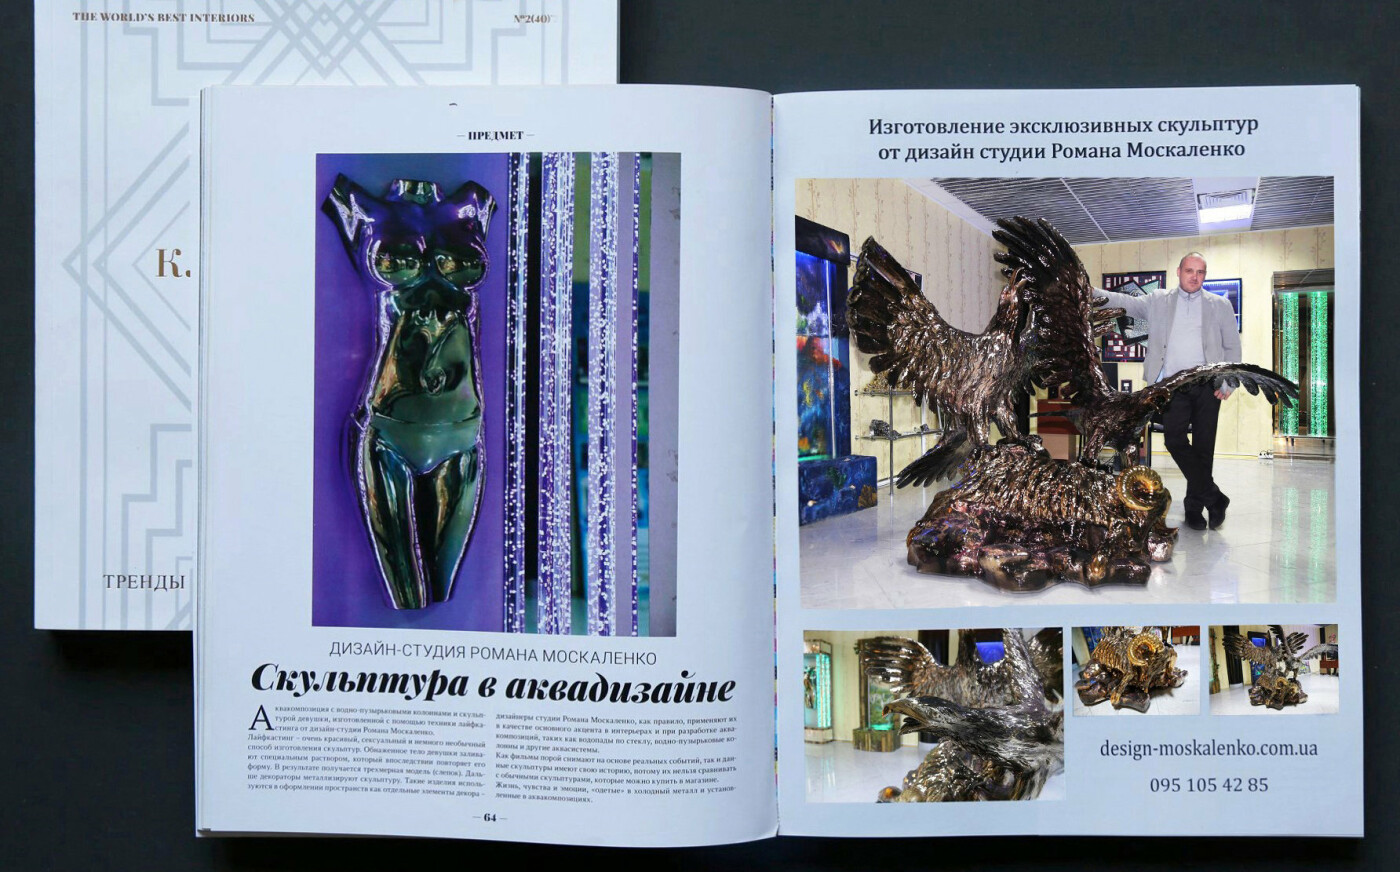 Бульбашкові колони, Дизайн-студія Романа Москаленка